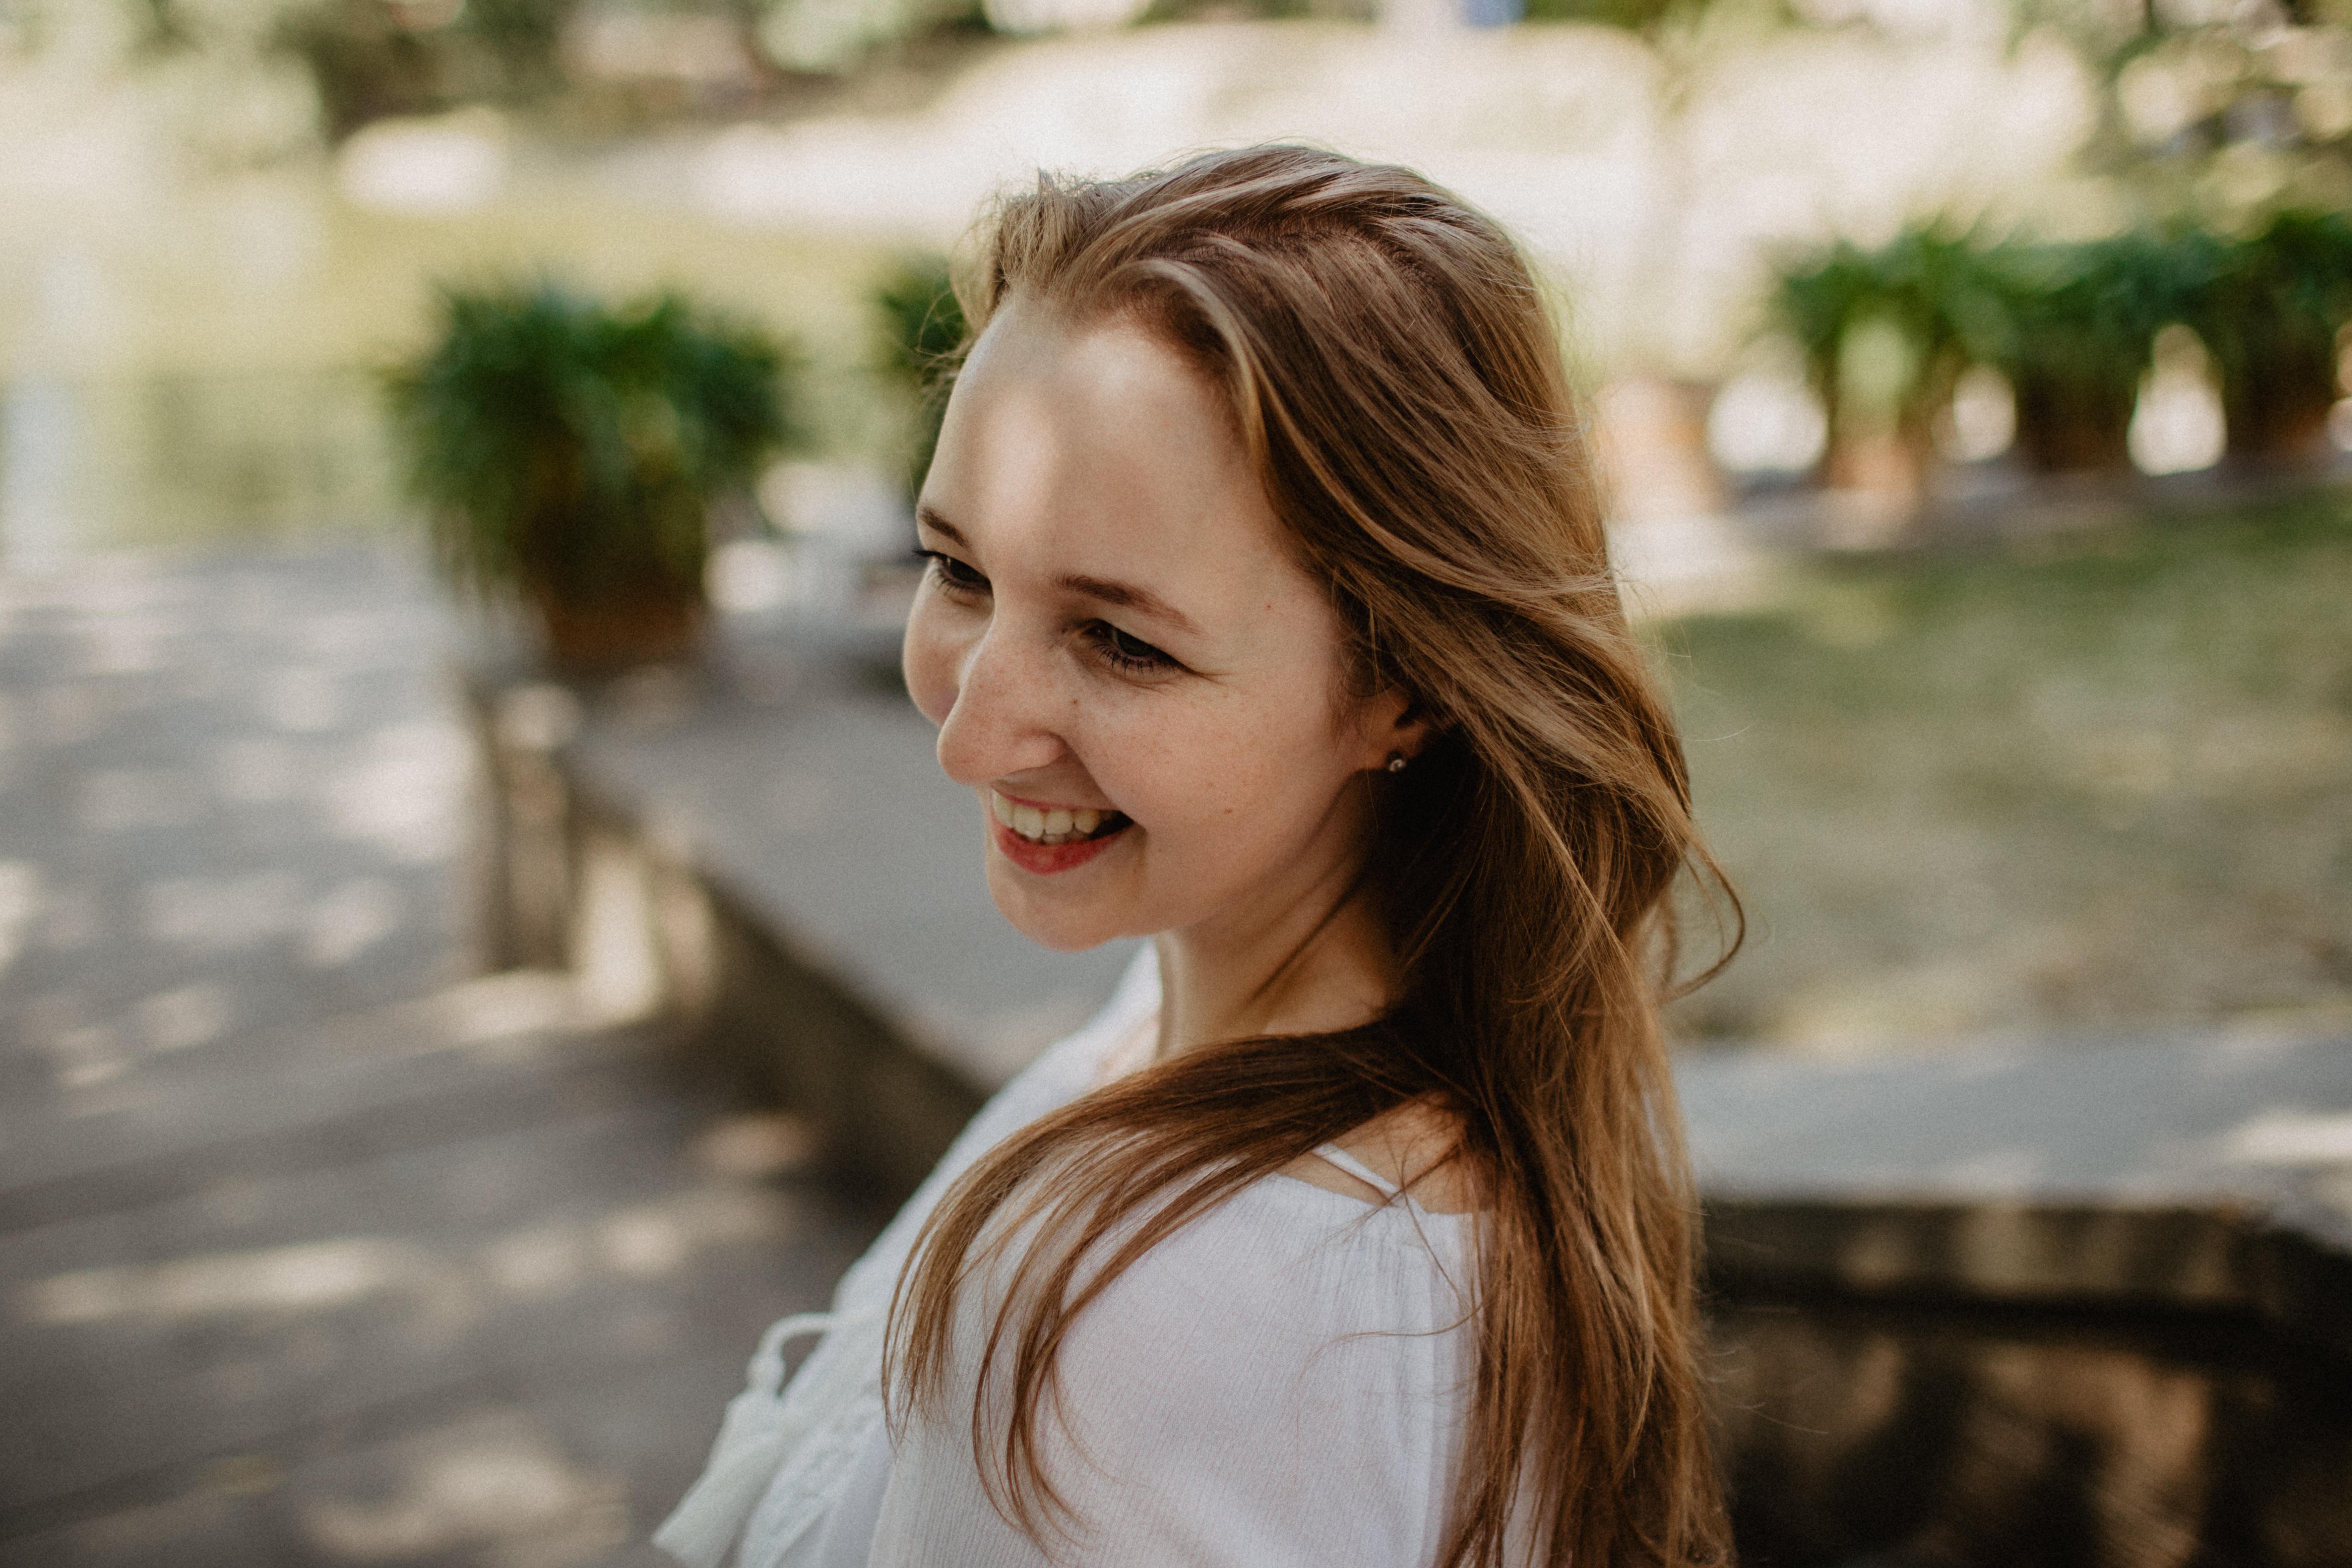 Anna-Maria Tietze